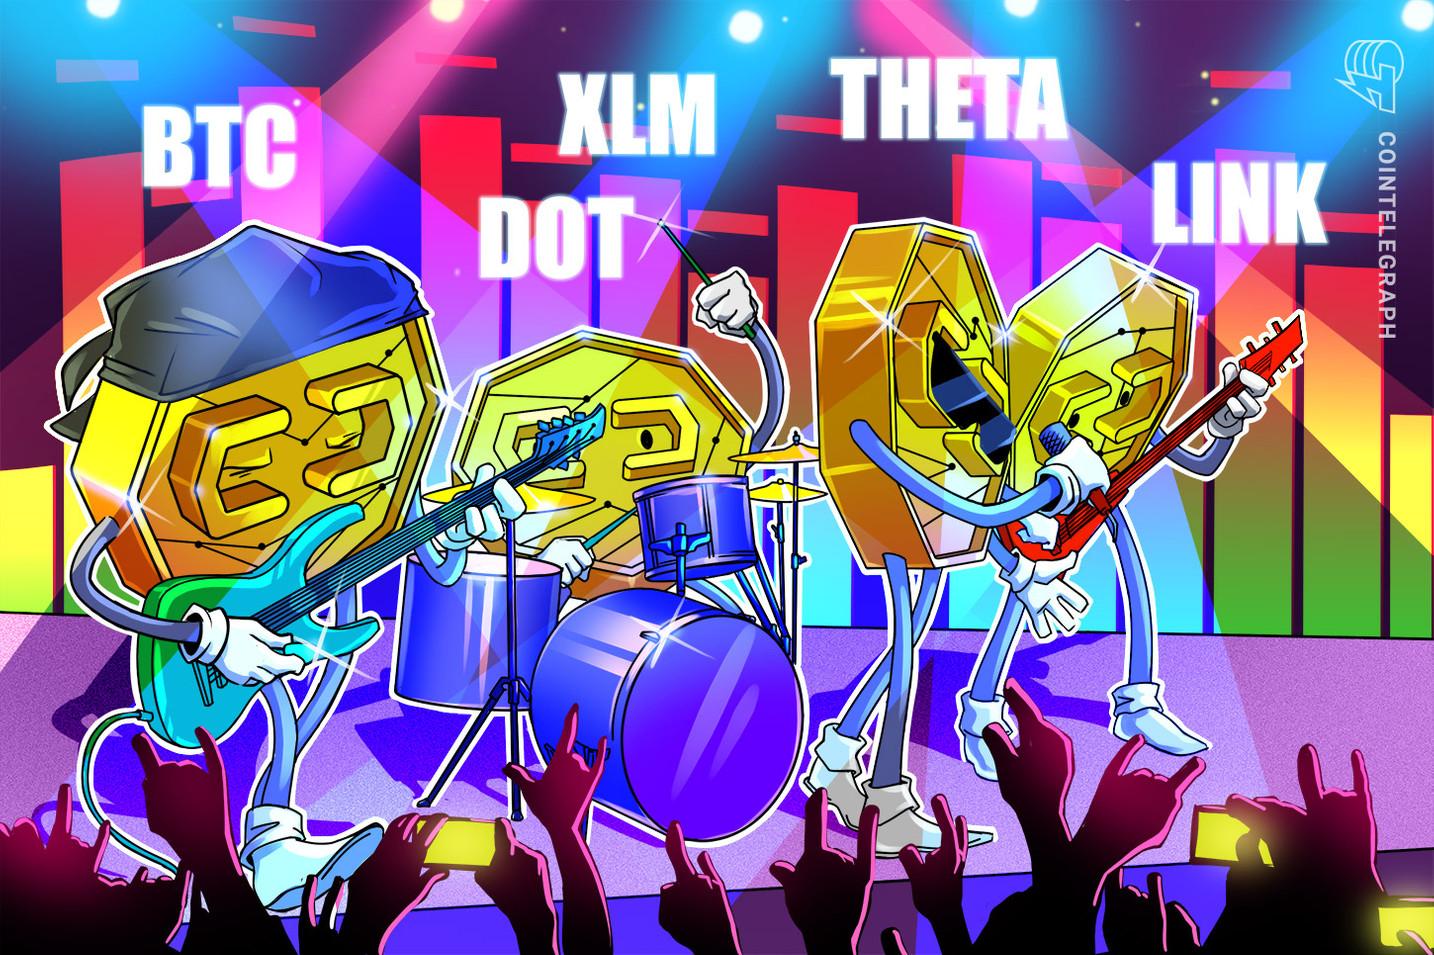 5 criptomoedas para ficar de olho nessa semana: BTC, DOT, LINK, XLM, THETA